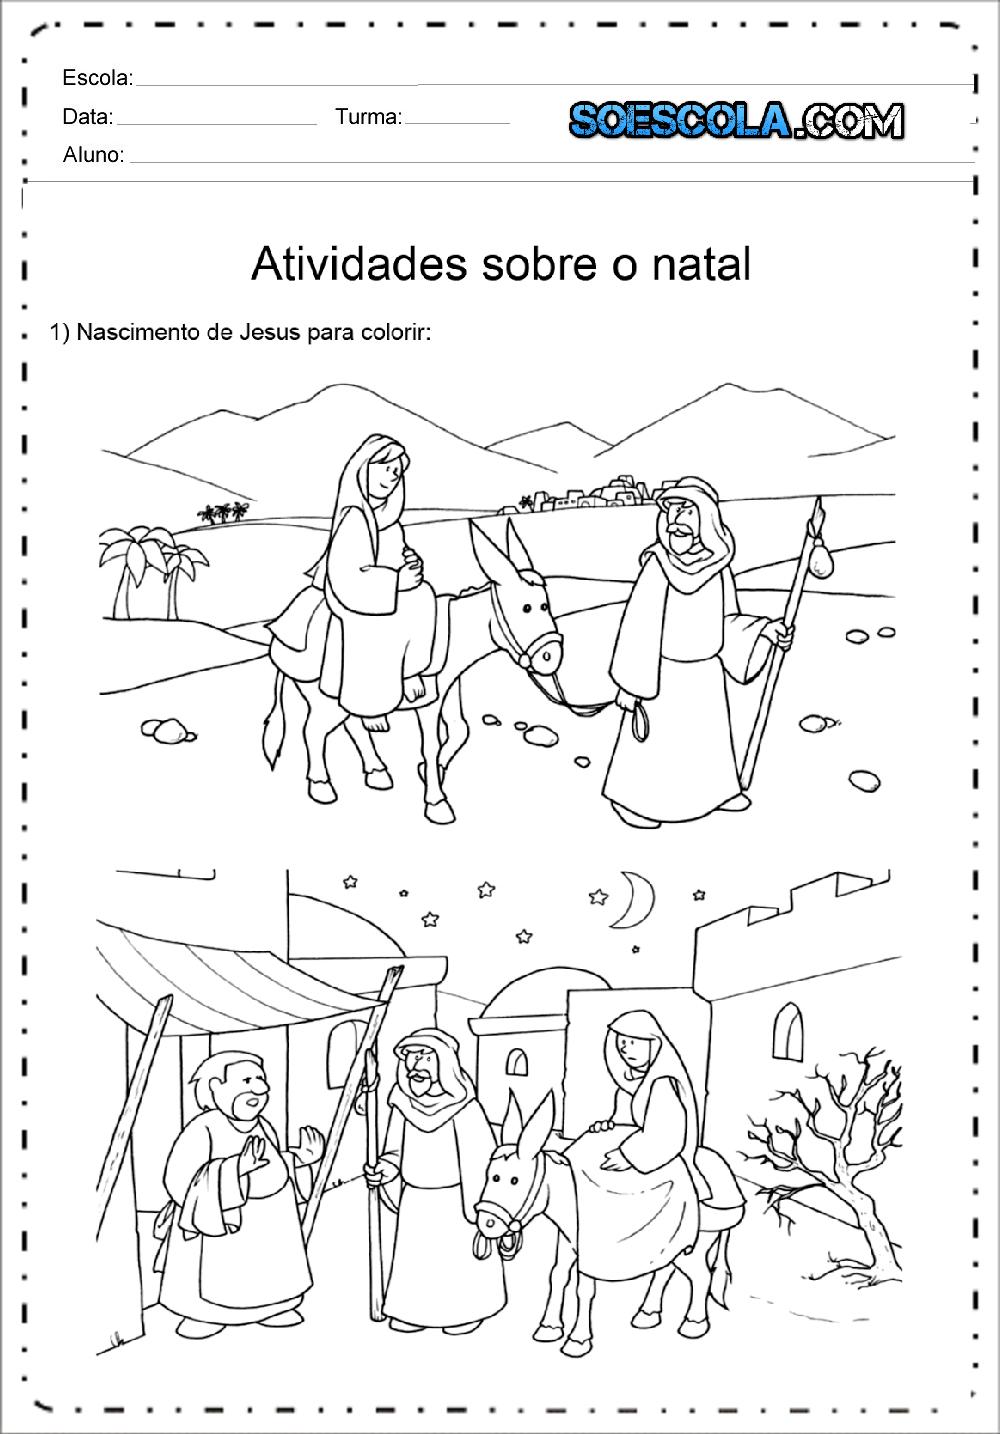 Desenhos De Presepio De Natal Para Colorir E Imprimir Em Pdf